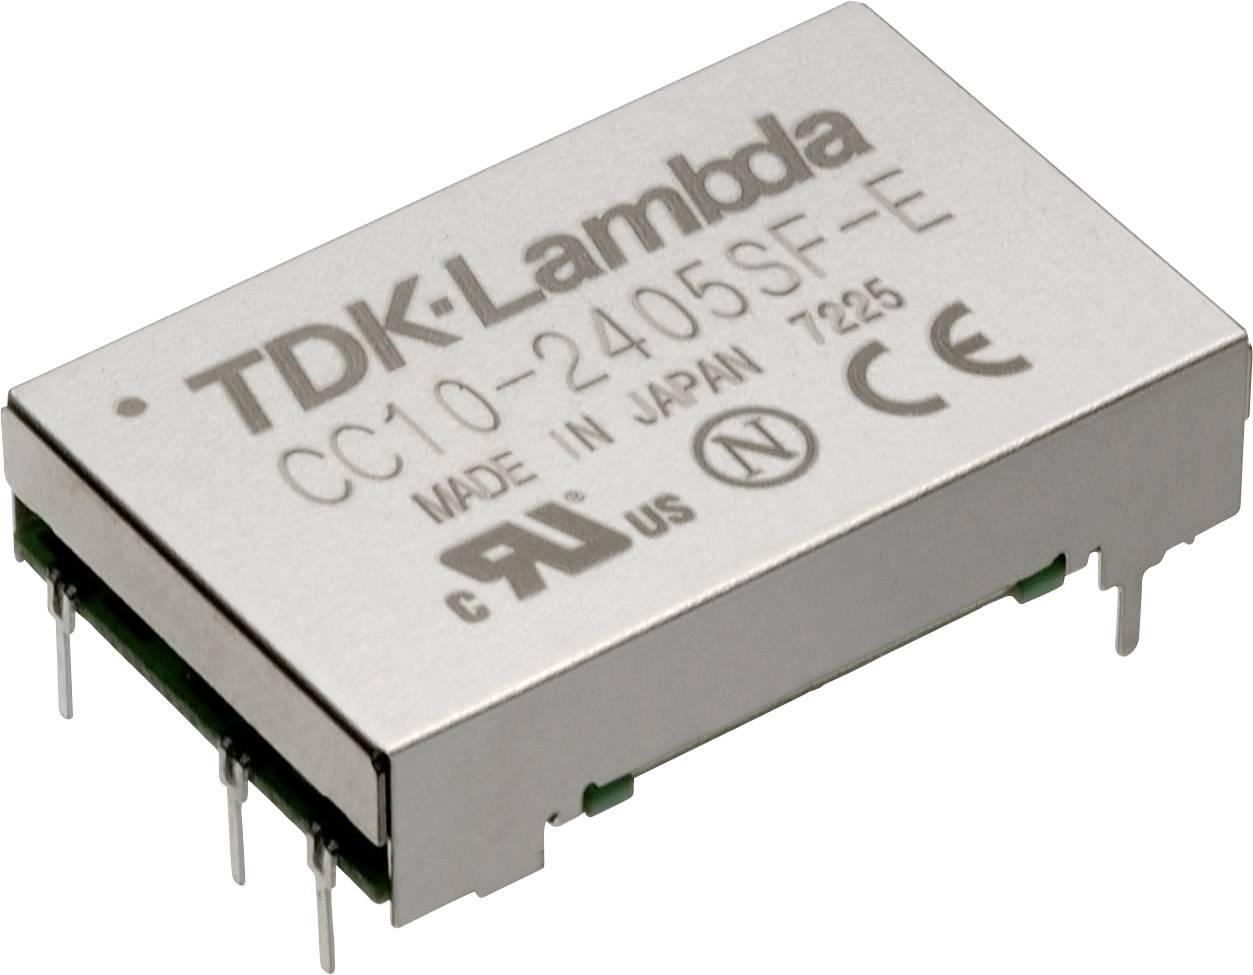 TDK-Lambda CC-10-4812DF-E Convertit